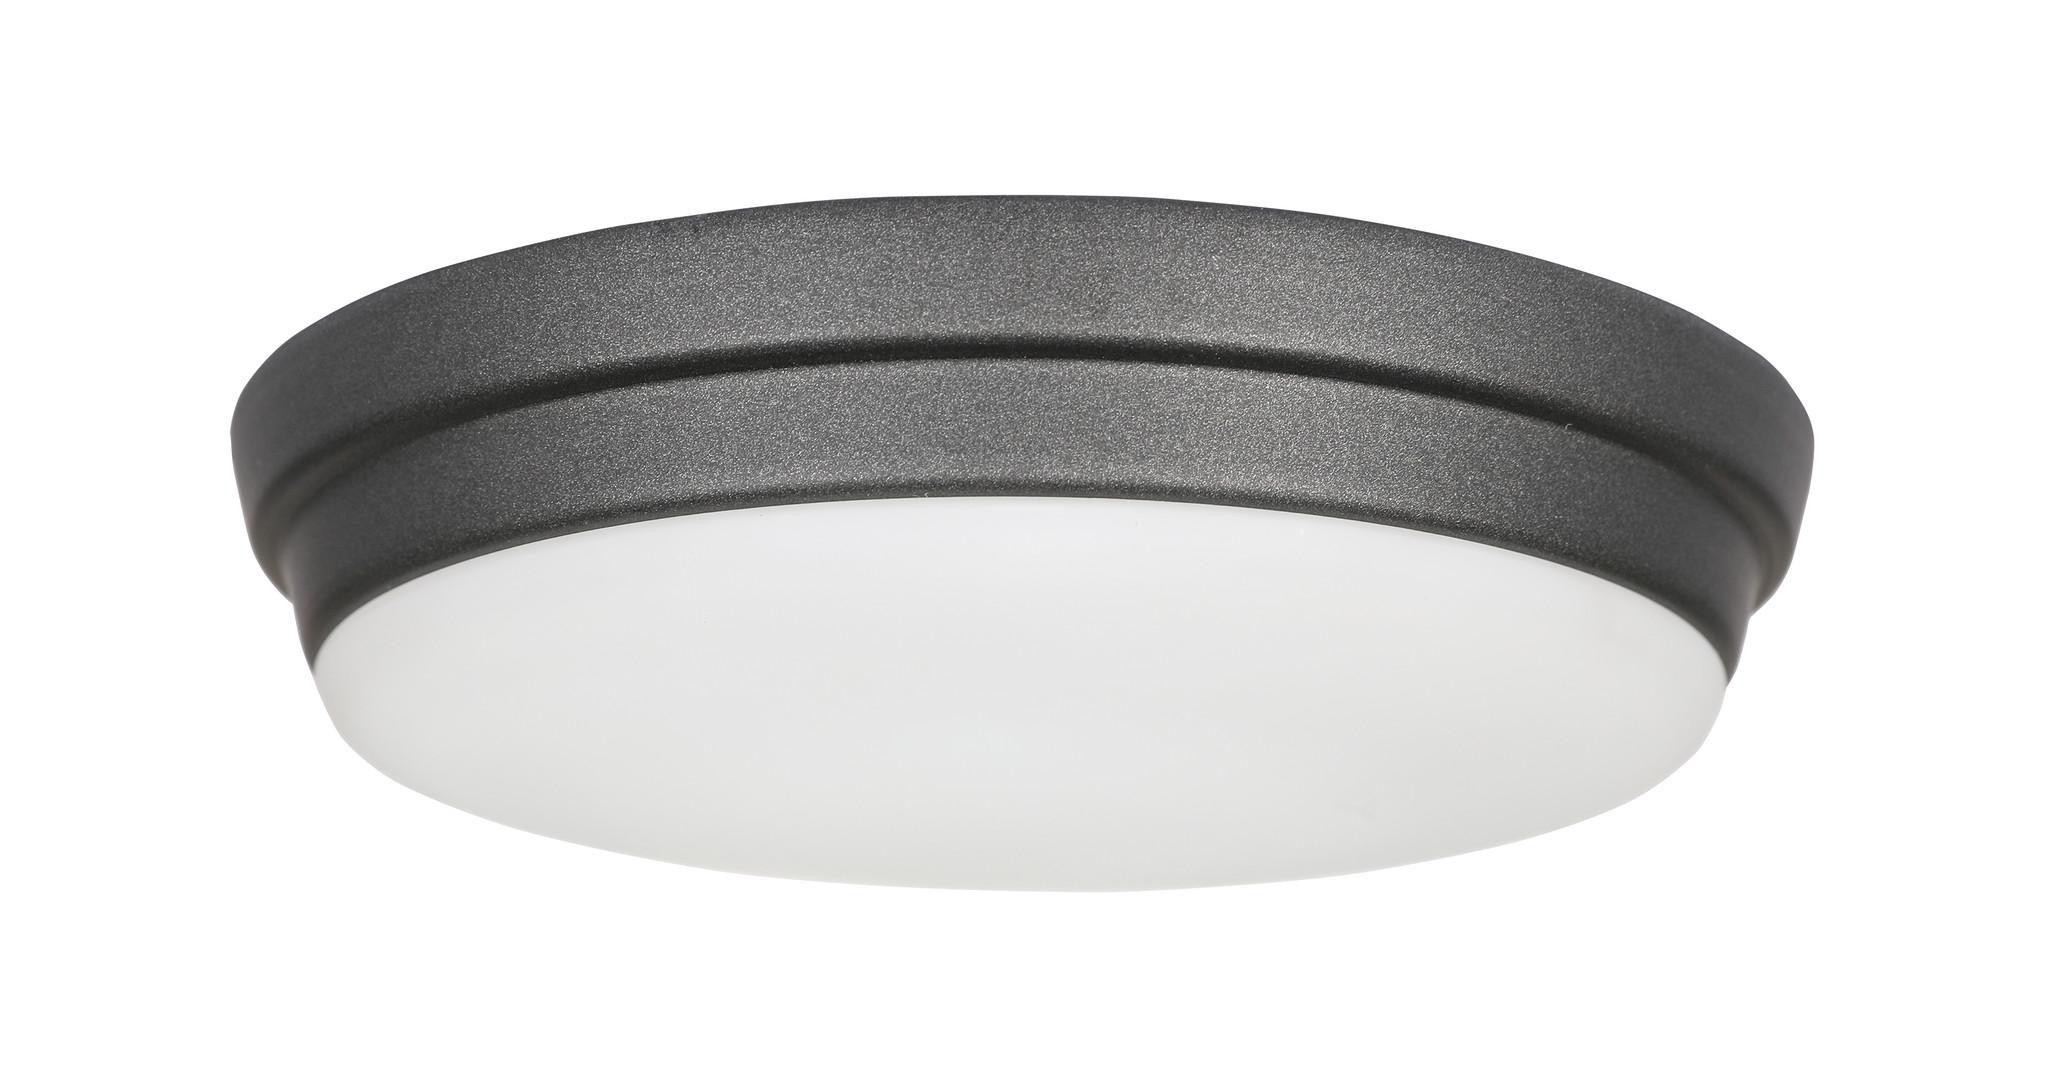 CasaFan Leuchte EP-LED LG